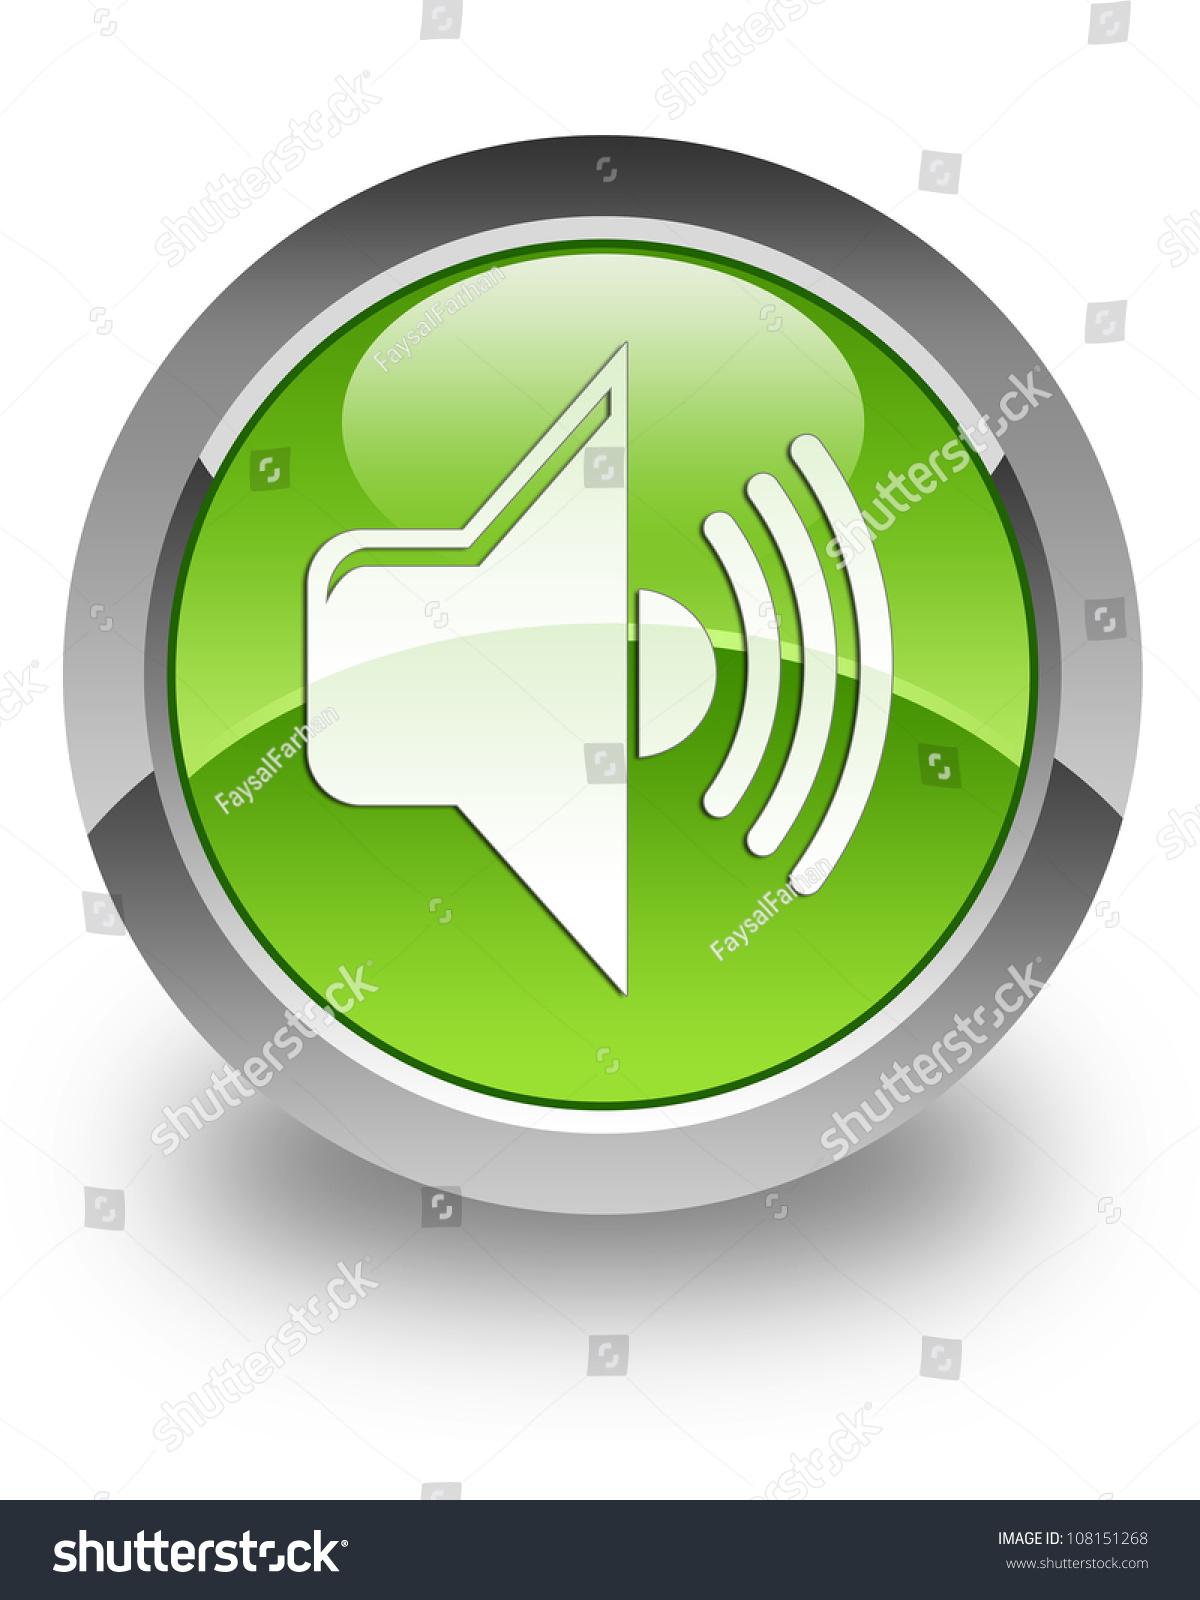 音量图标在光滑的绿色圆形按钮-符号/标志,抽象-海洛